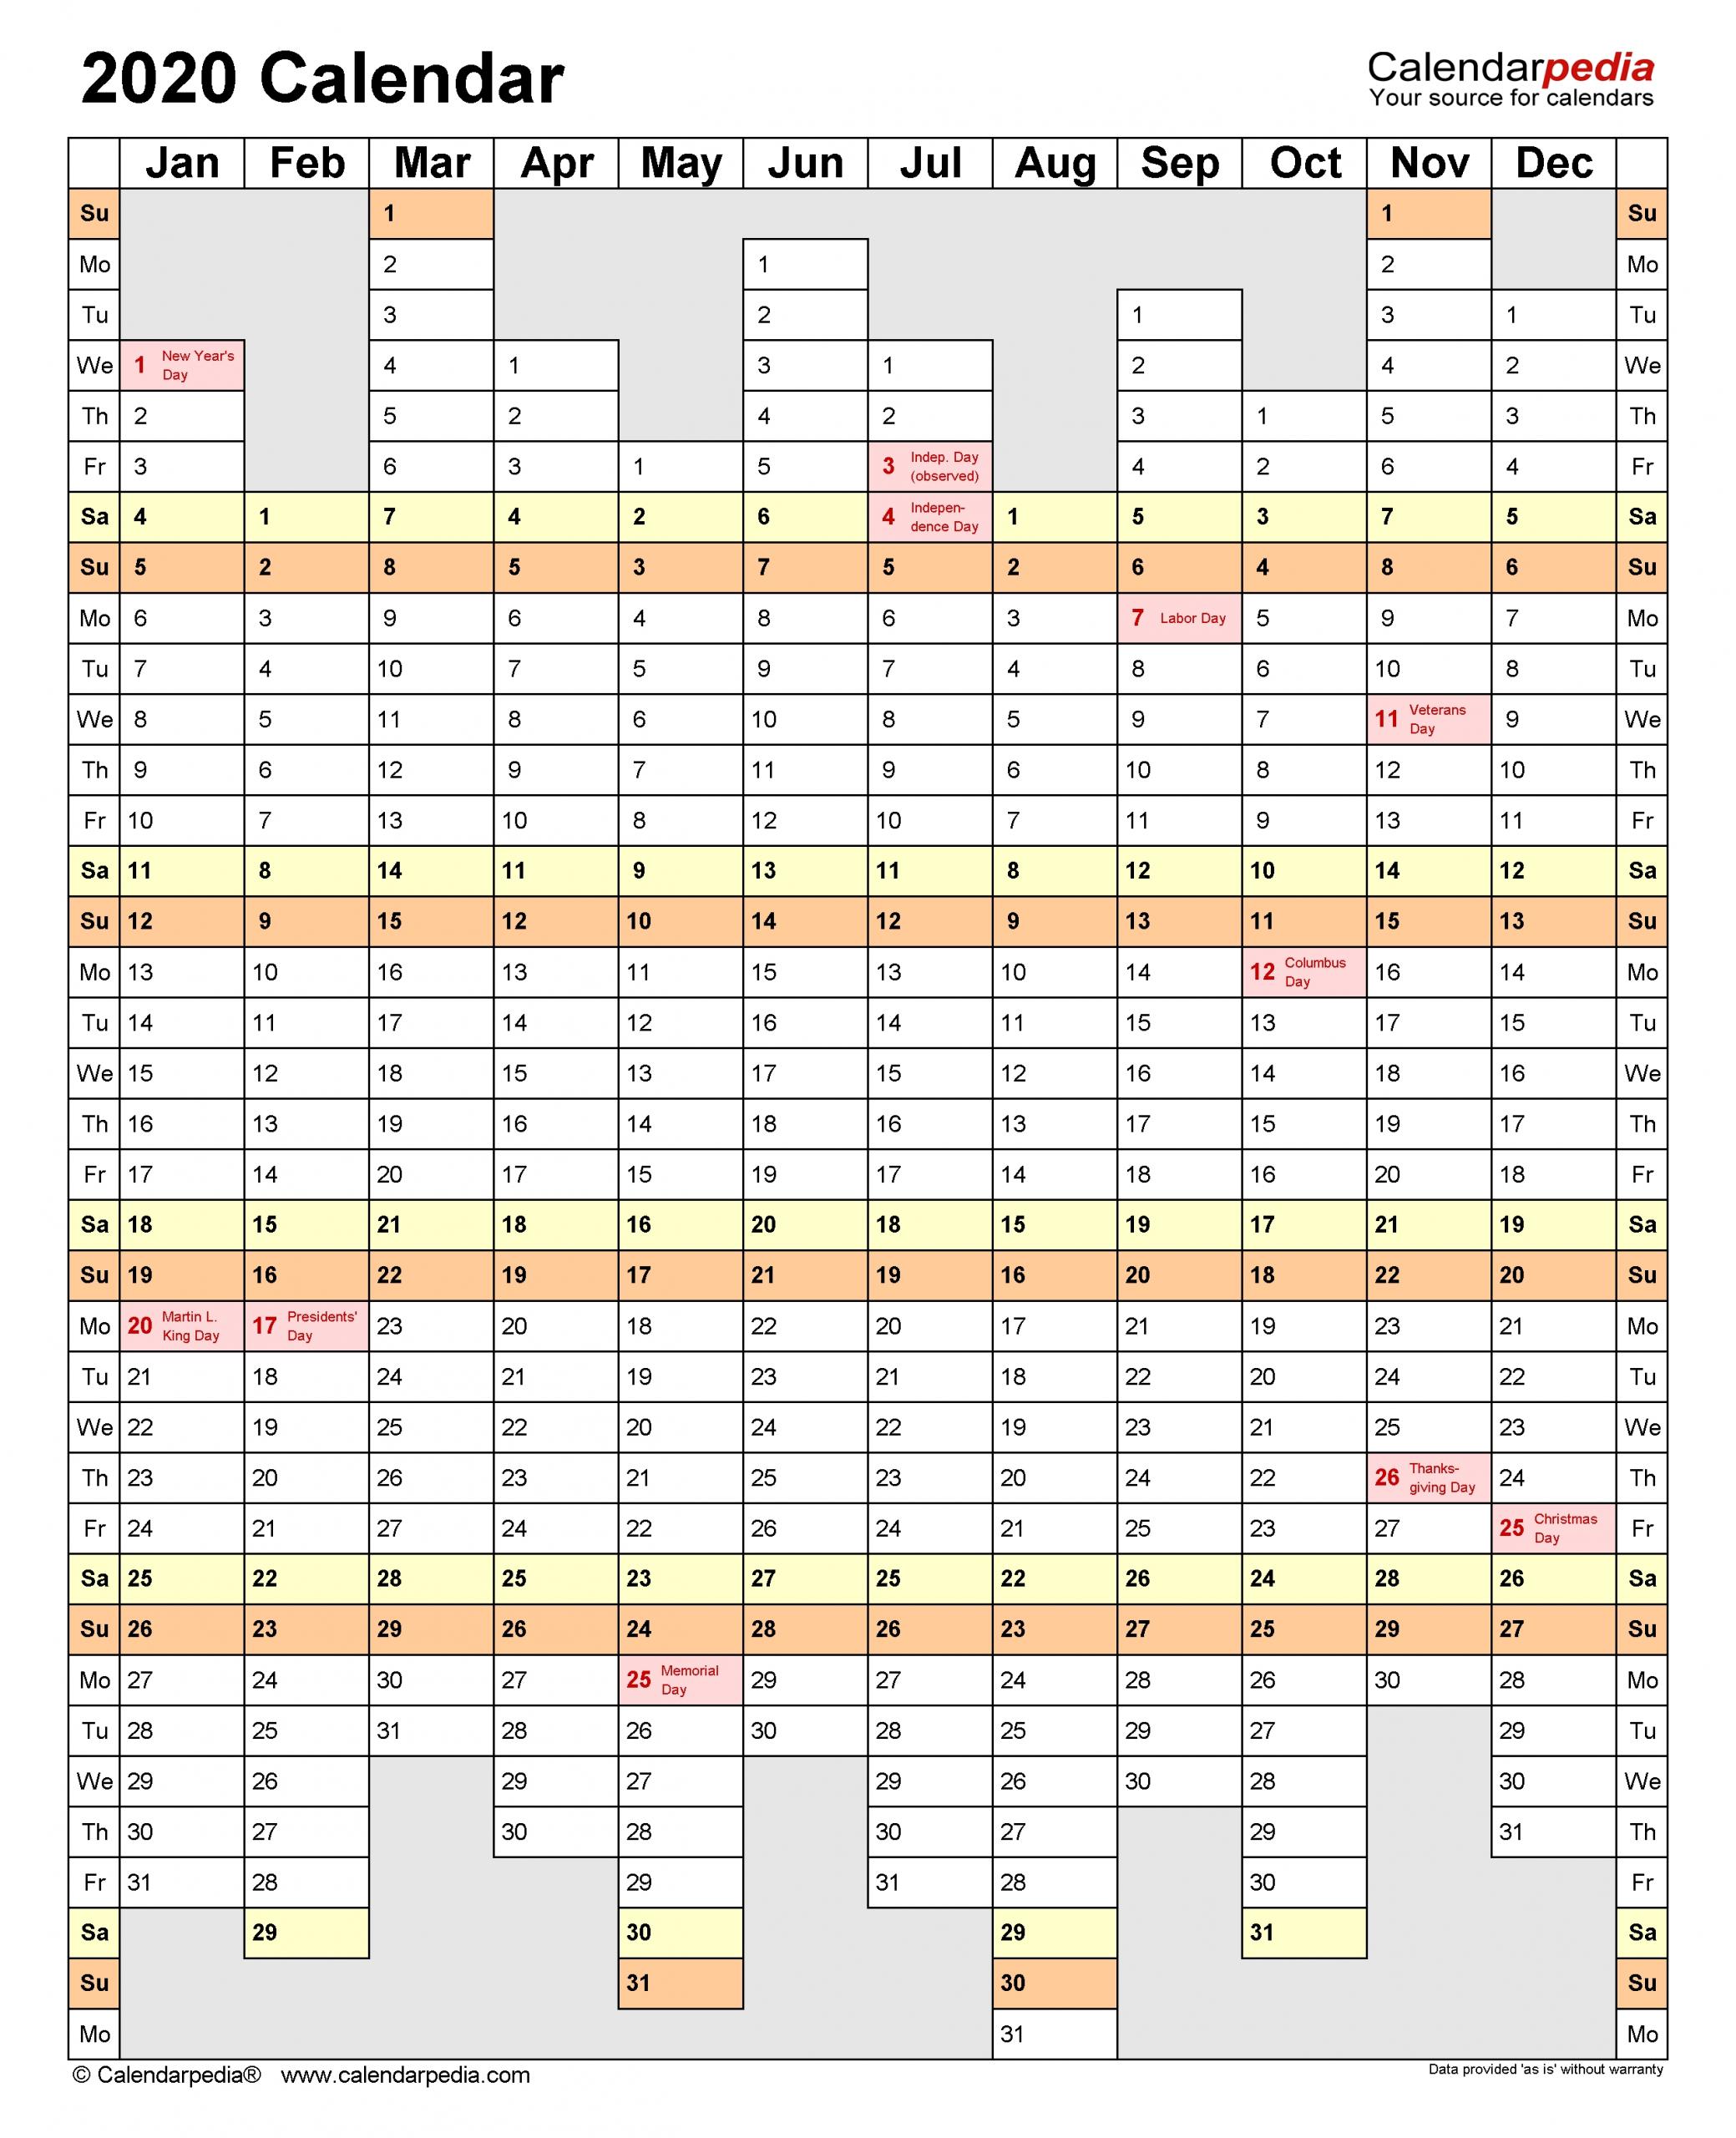 2020 Calendar - Free Printable Word Templates - Calendarpedia in Calendar 2020 Week Wise In Window